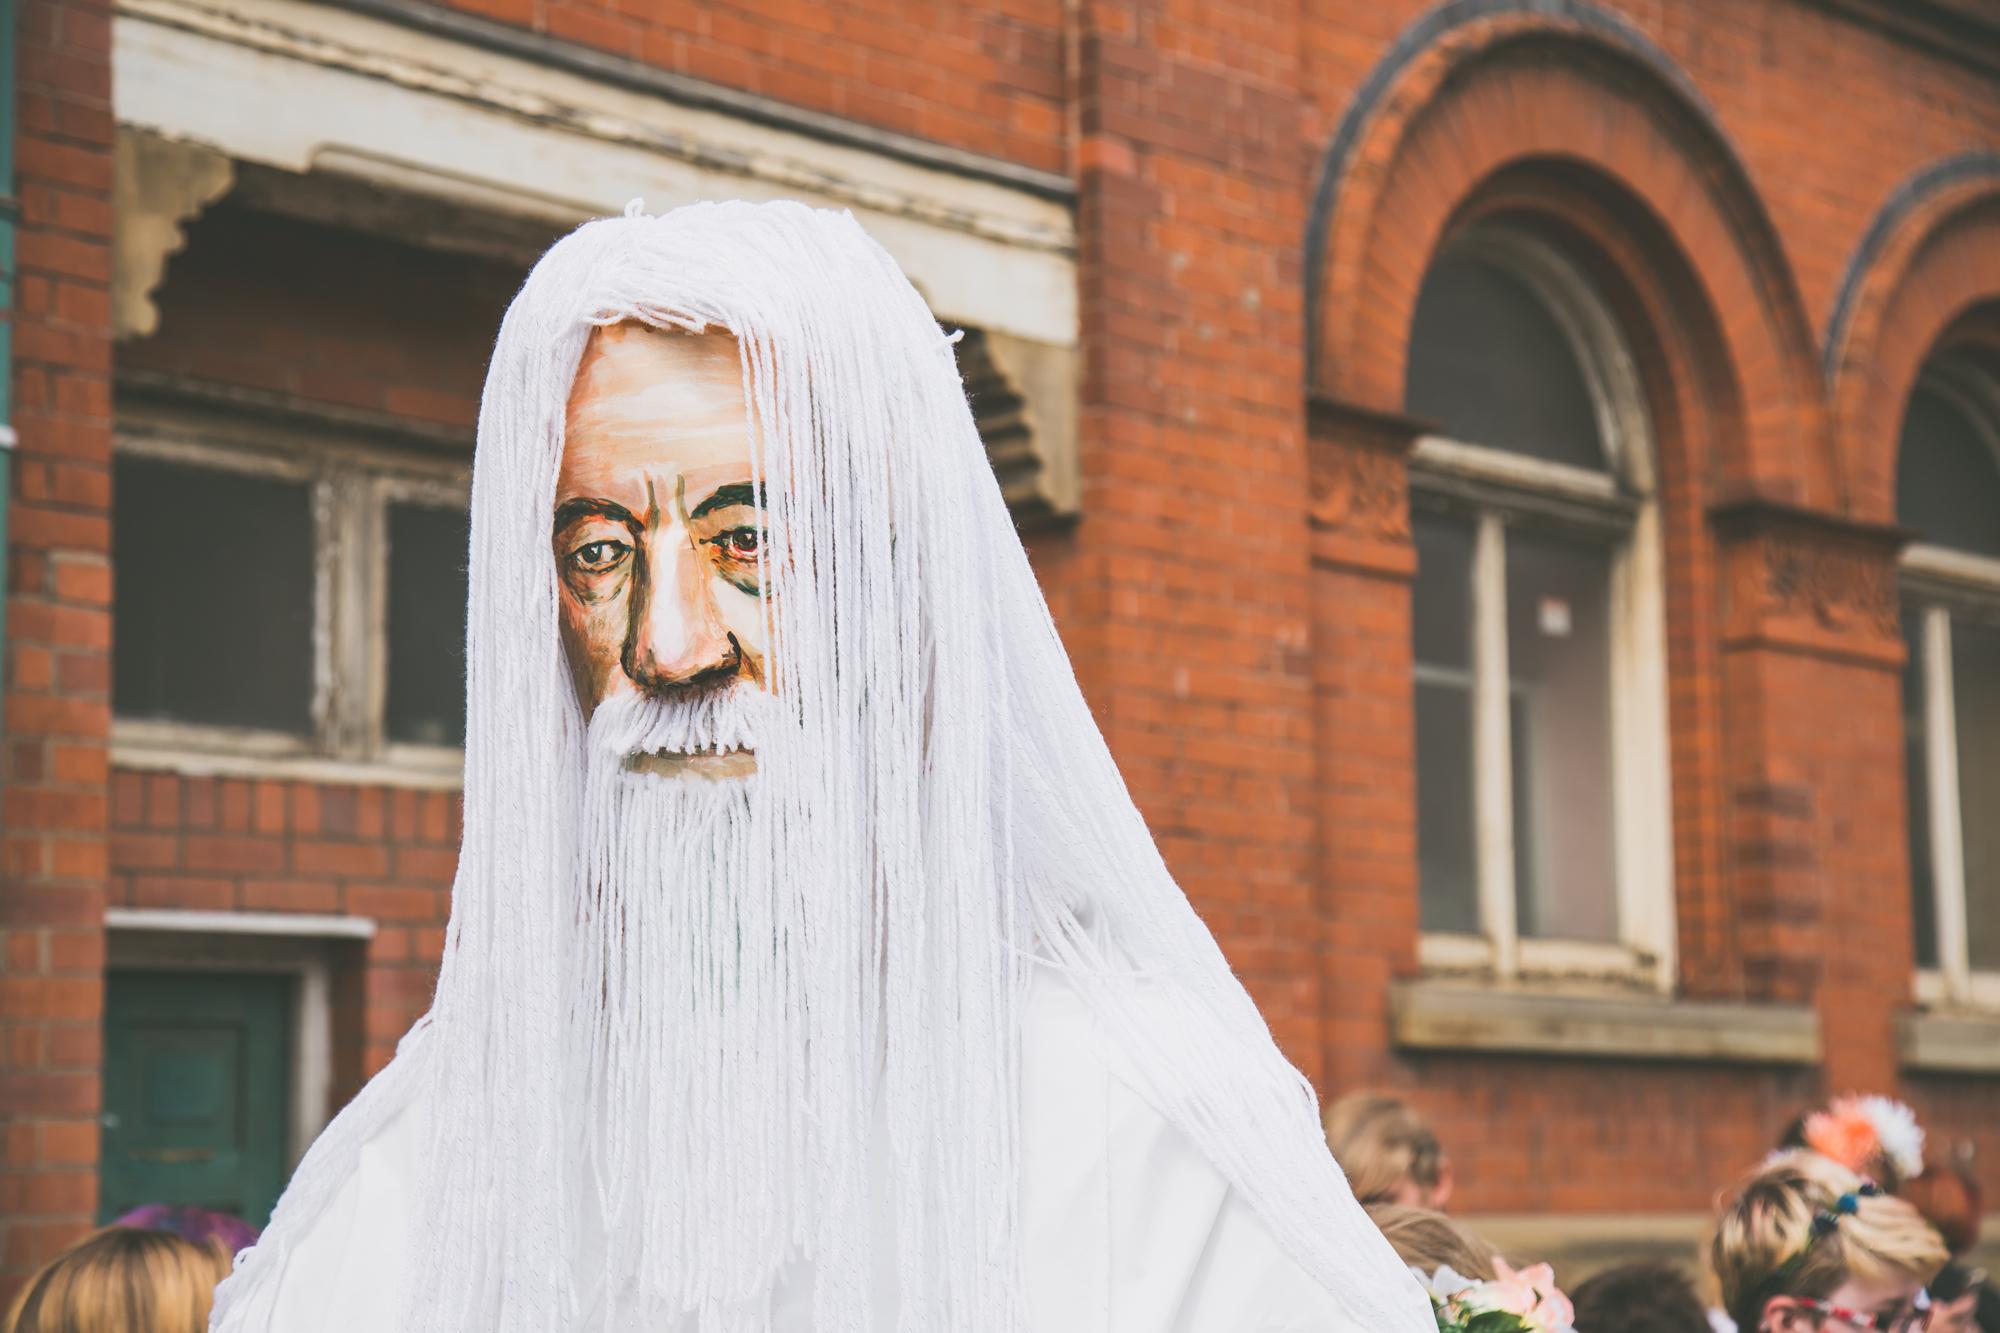 Gandalf at pride